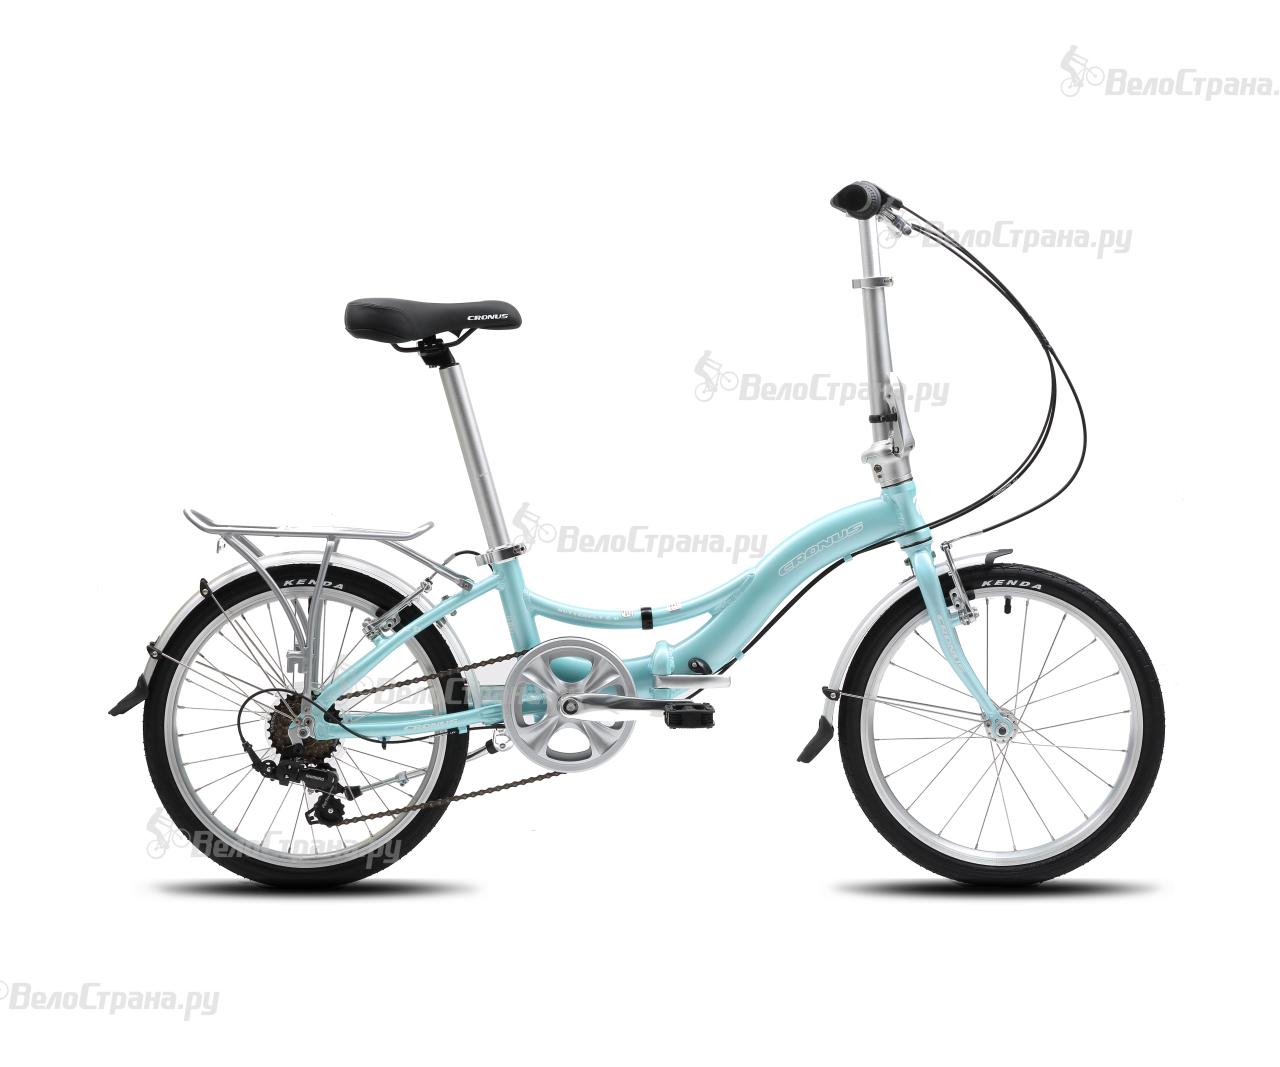 Велосипед Cronus BUTTERFLY 2.0 20 (2017) мышонок пик сказки